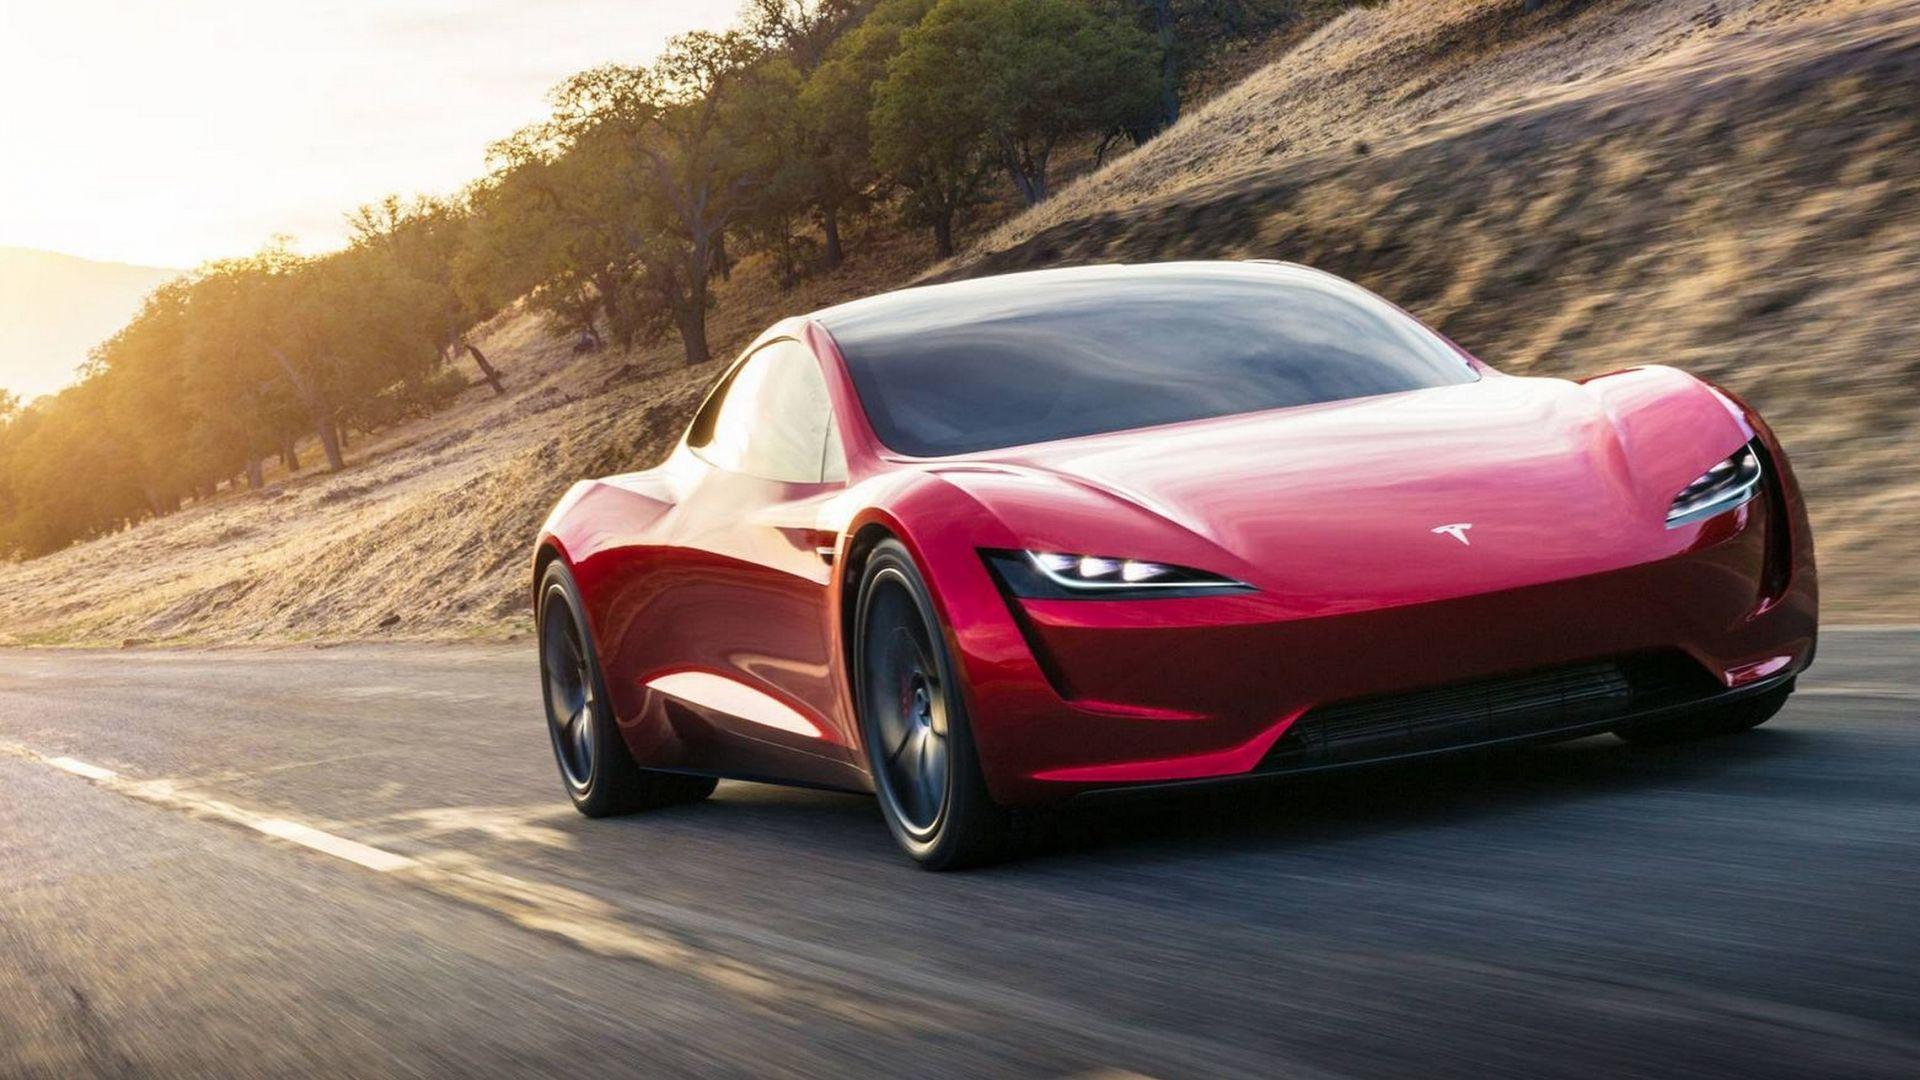 Nuova Tesla Roadster 2020 Prezzo Prestazioni Scheda